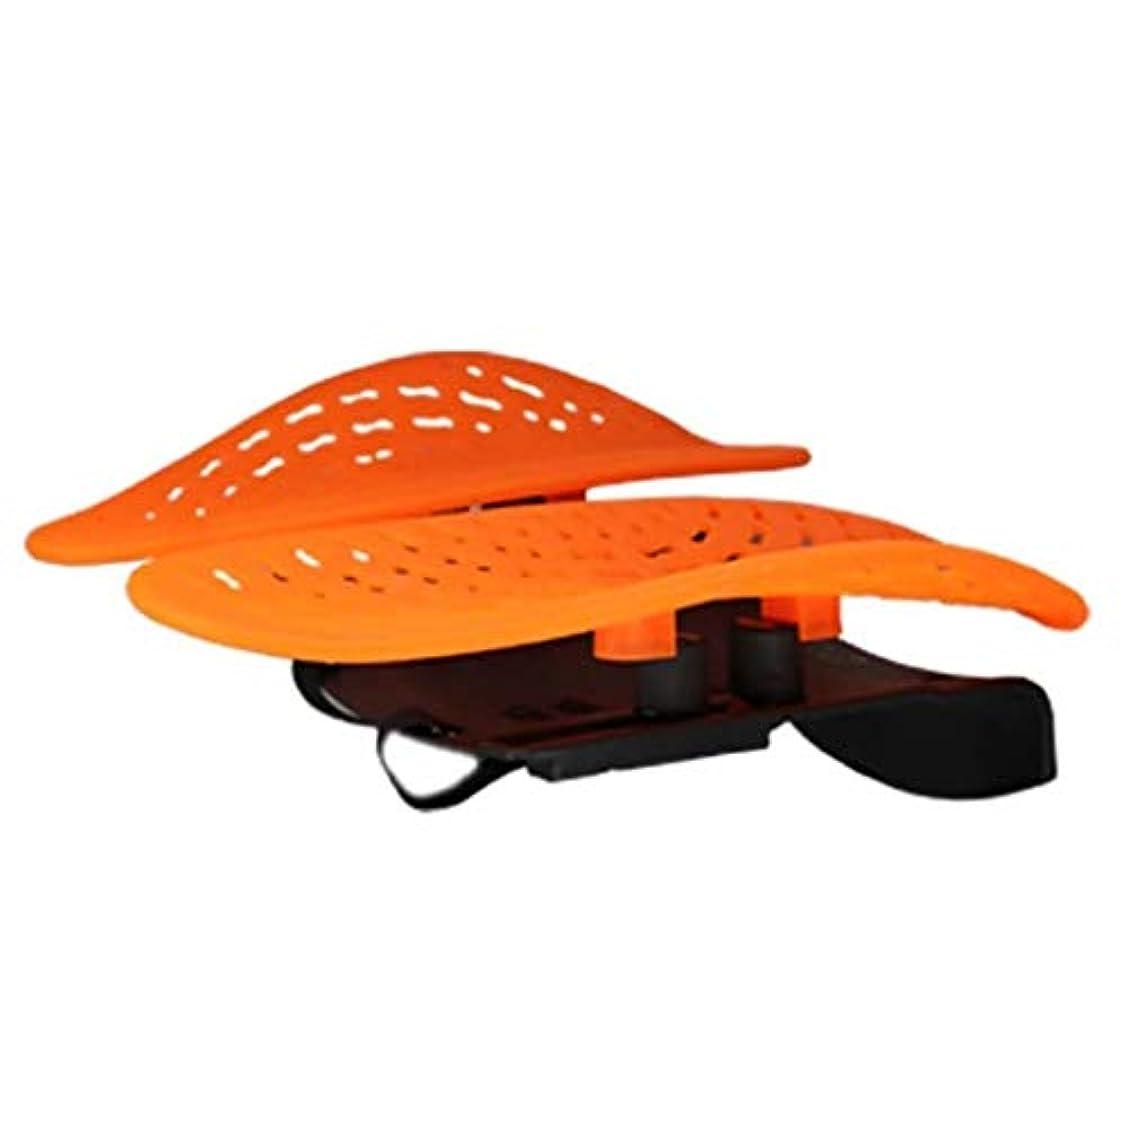 の量ボア世紀ウエストマッサージャー、腰椎サポートパッド、アイスシルクバックサポートパッド、ホーム/オフィスチェアや車に適し、背中の痛みを和らげる (Color : オレンジ)